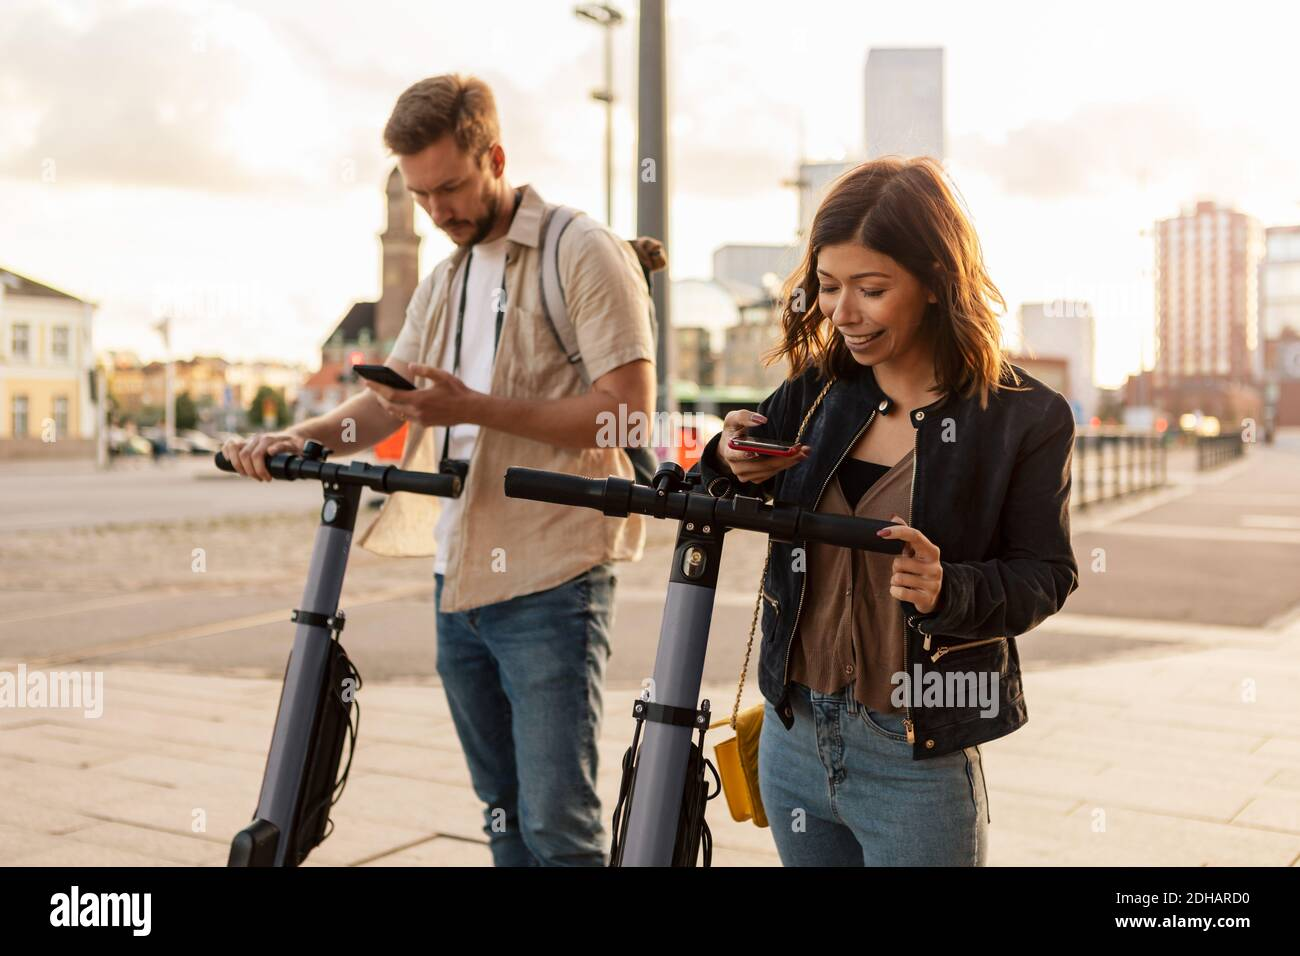 Les navetteurs hommes et femmes numérisent via un téléphone mobile tout en déverrouillant scooters électriques en ville Banque D'Images